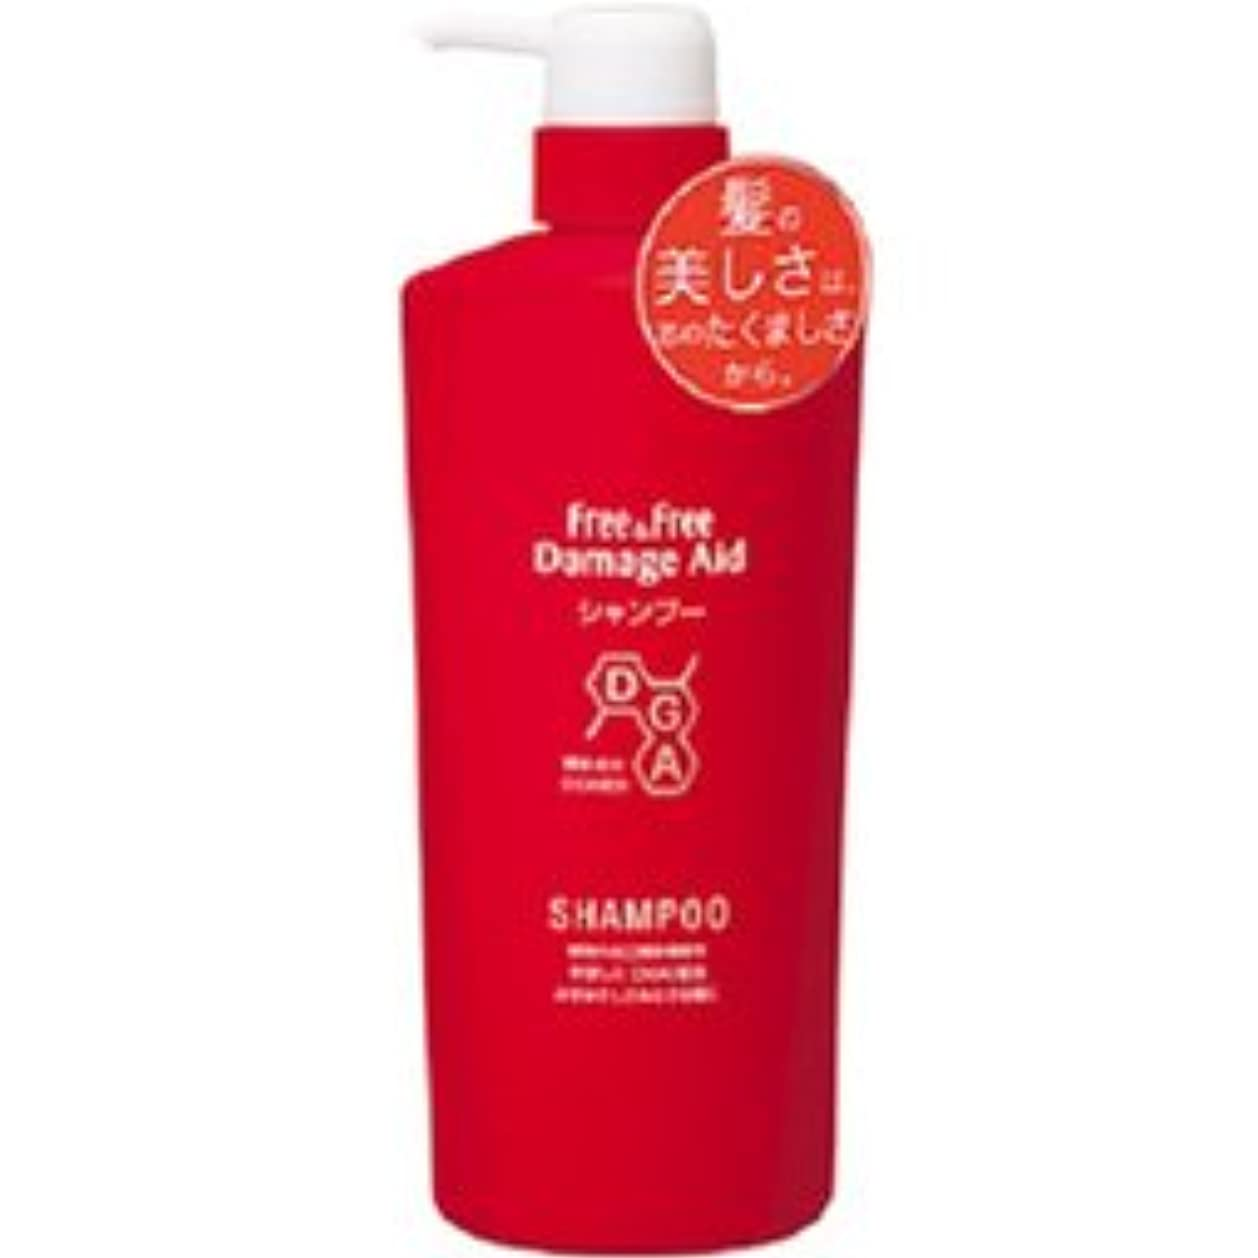 時間厳守湿った人質【ライオン】F&Fダメージエイド シャンプー ポンプ ライオン株式会社